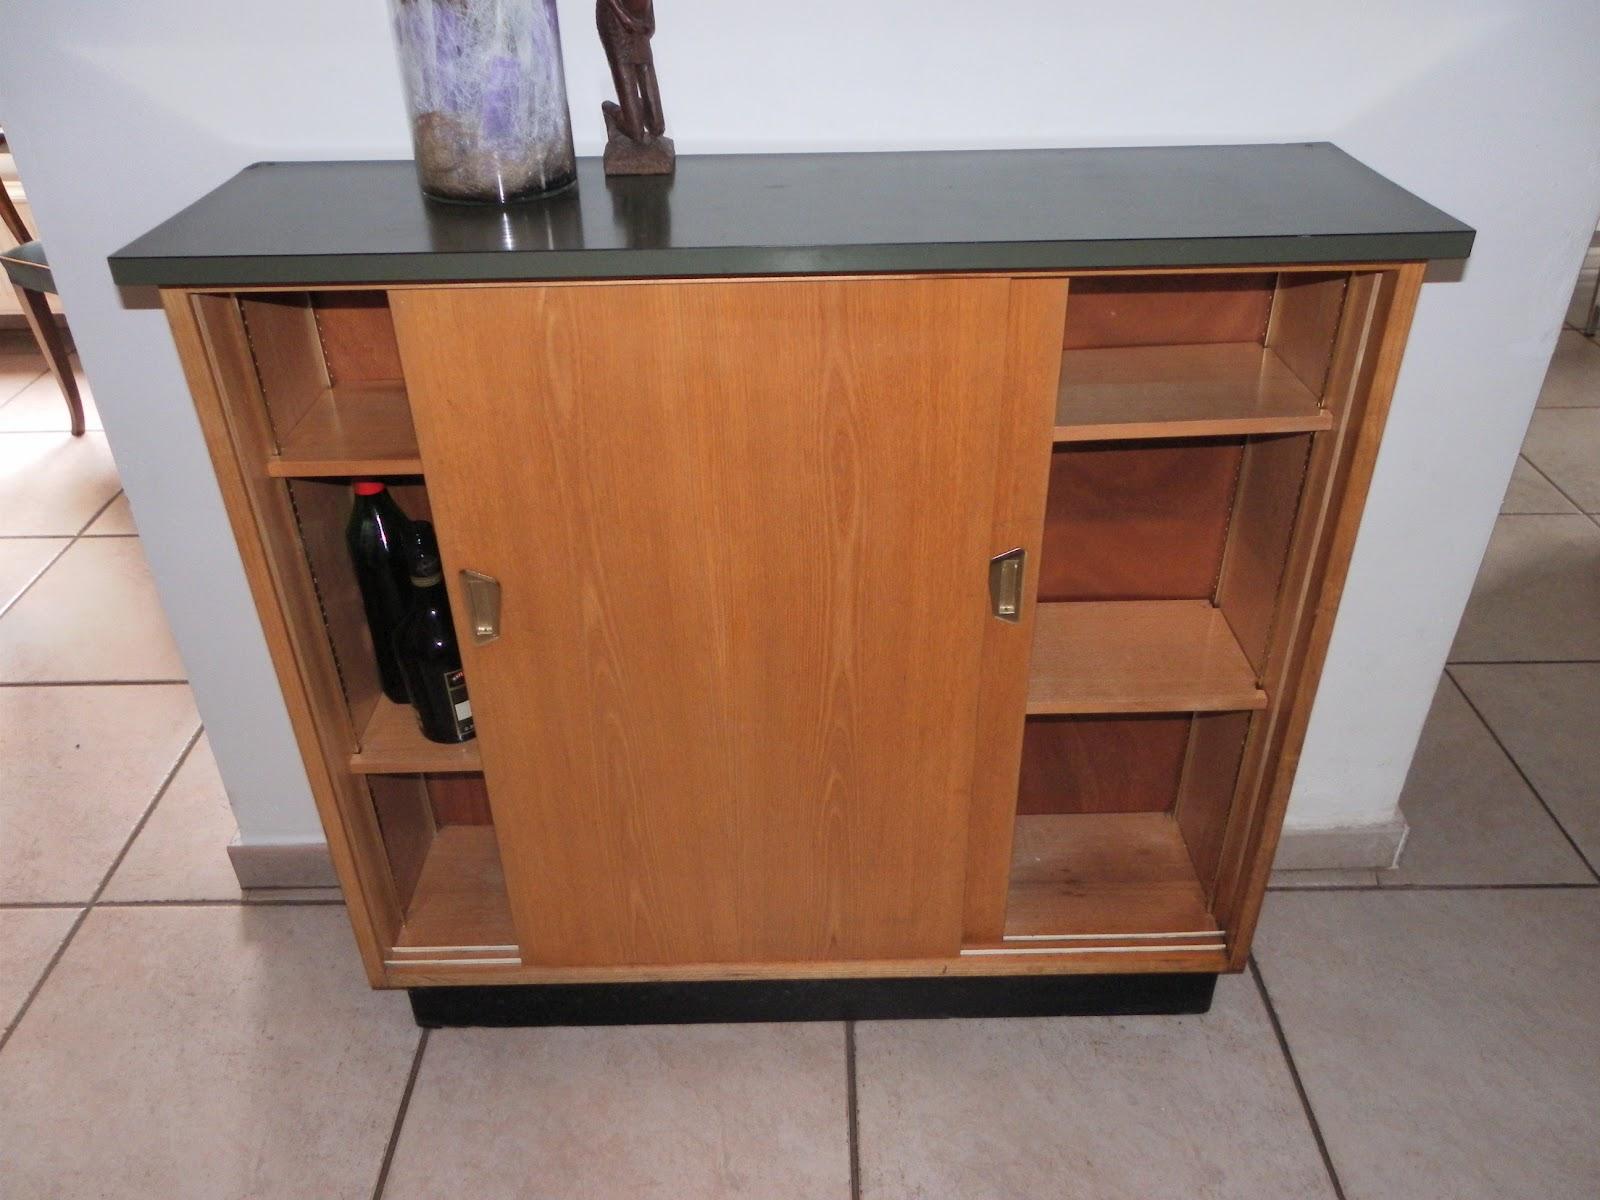 Lucie la chineuse meuble de rangement ann e 50 for Meubles domon lachine